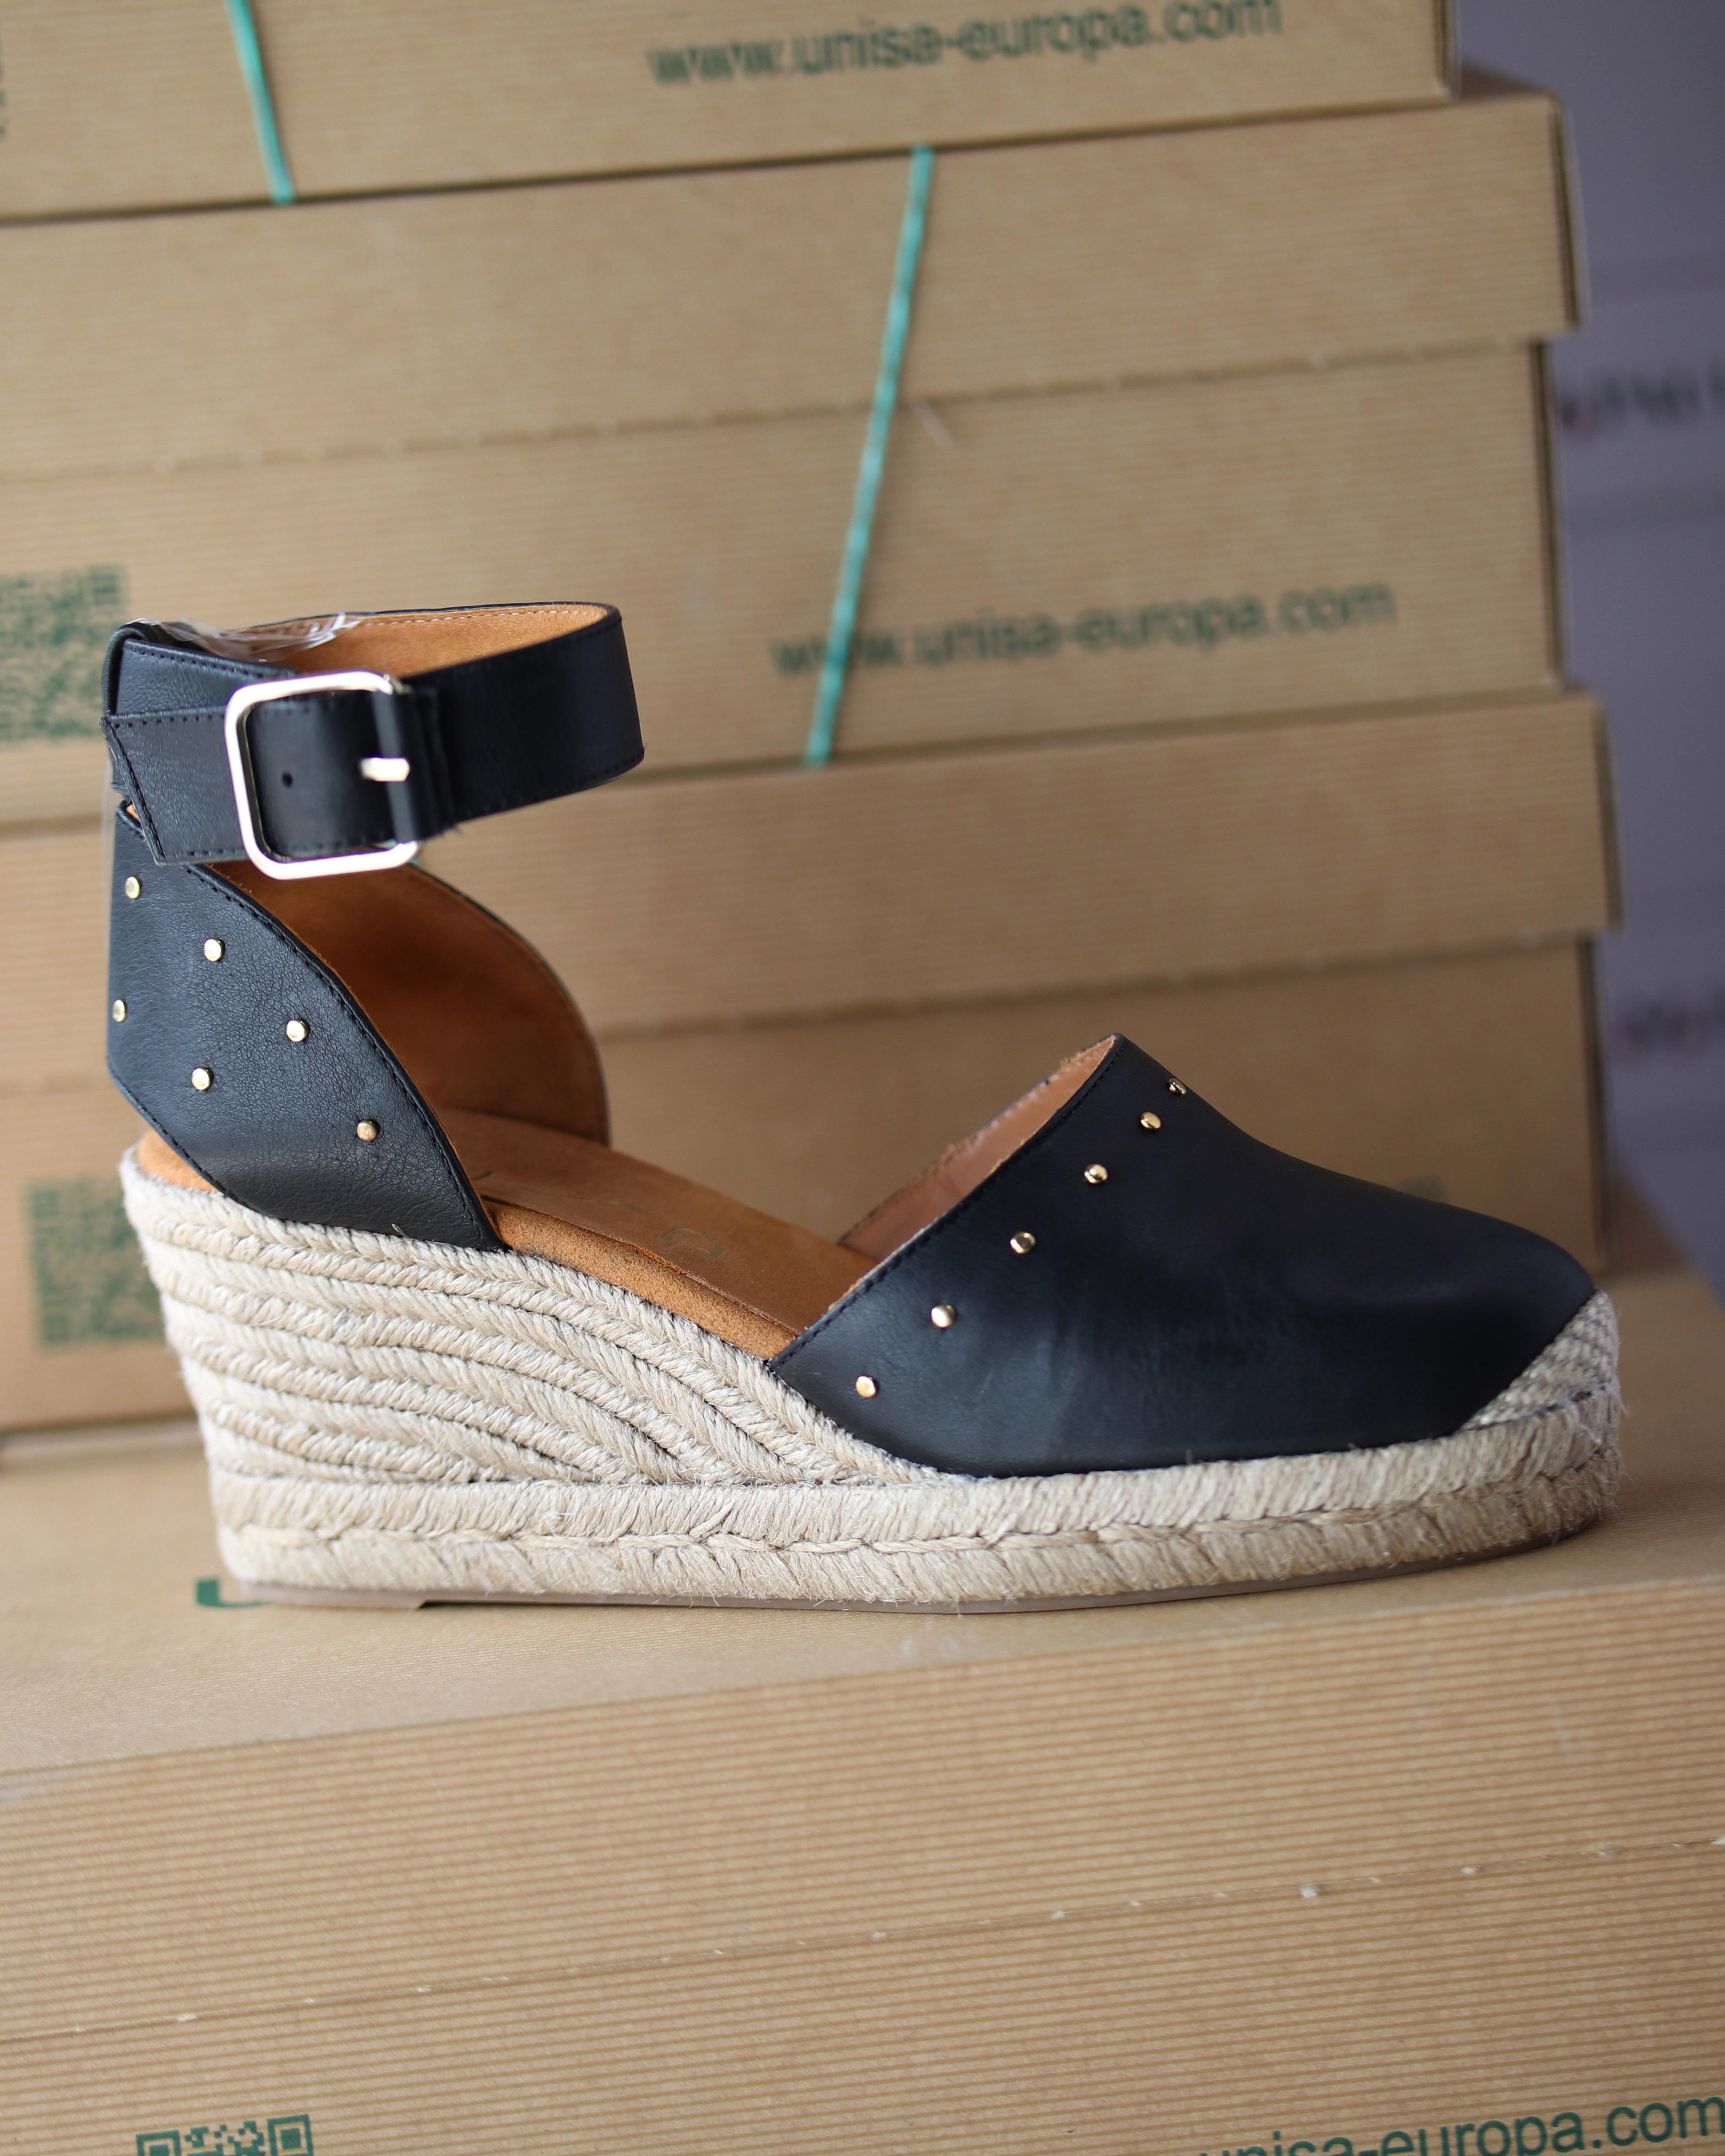 unisa cliver black creamy sandal dame4